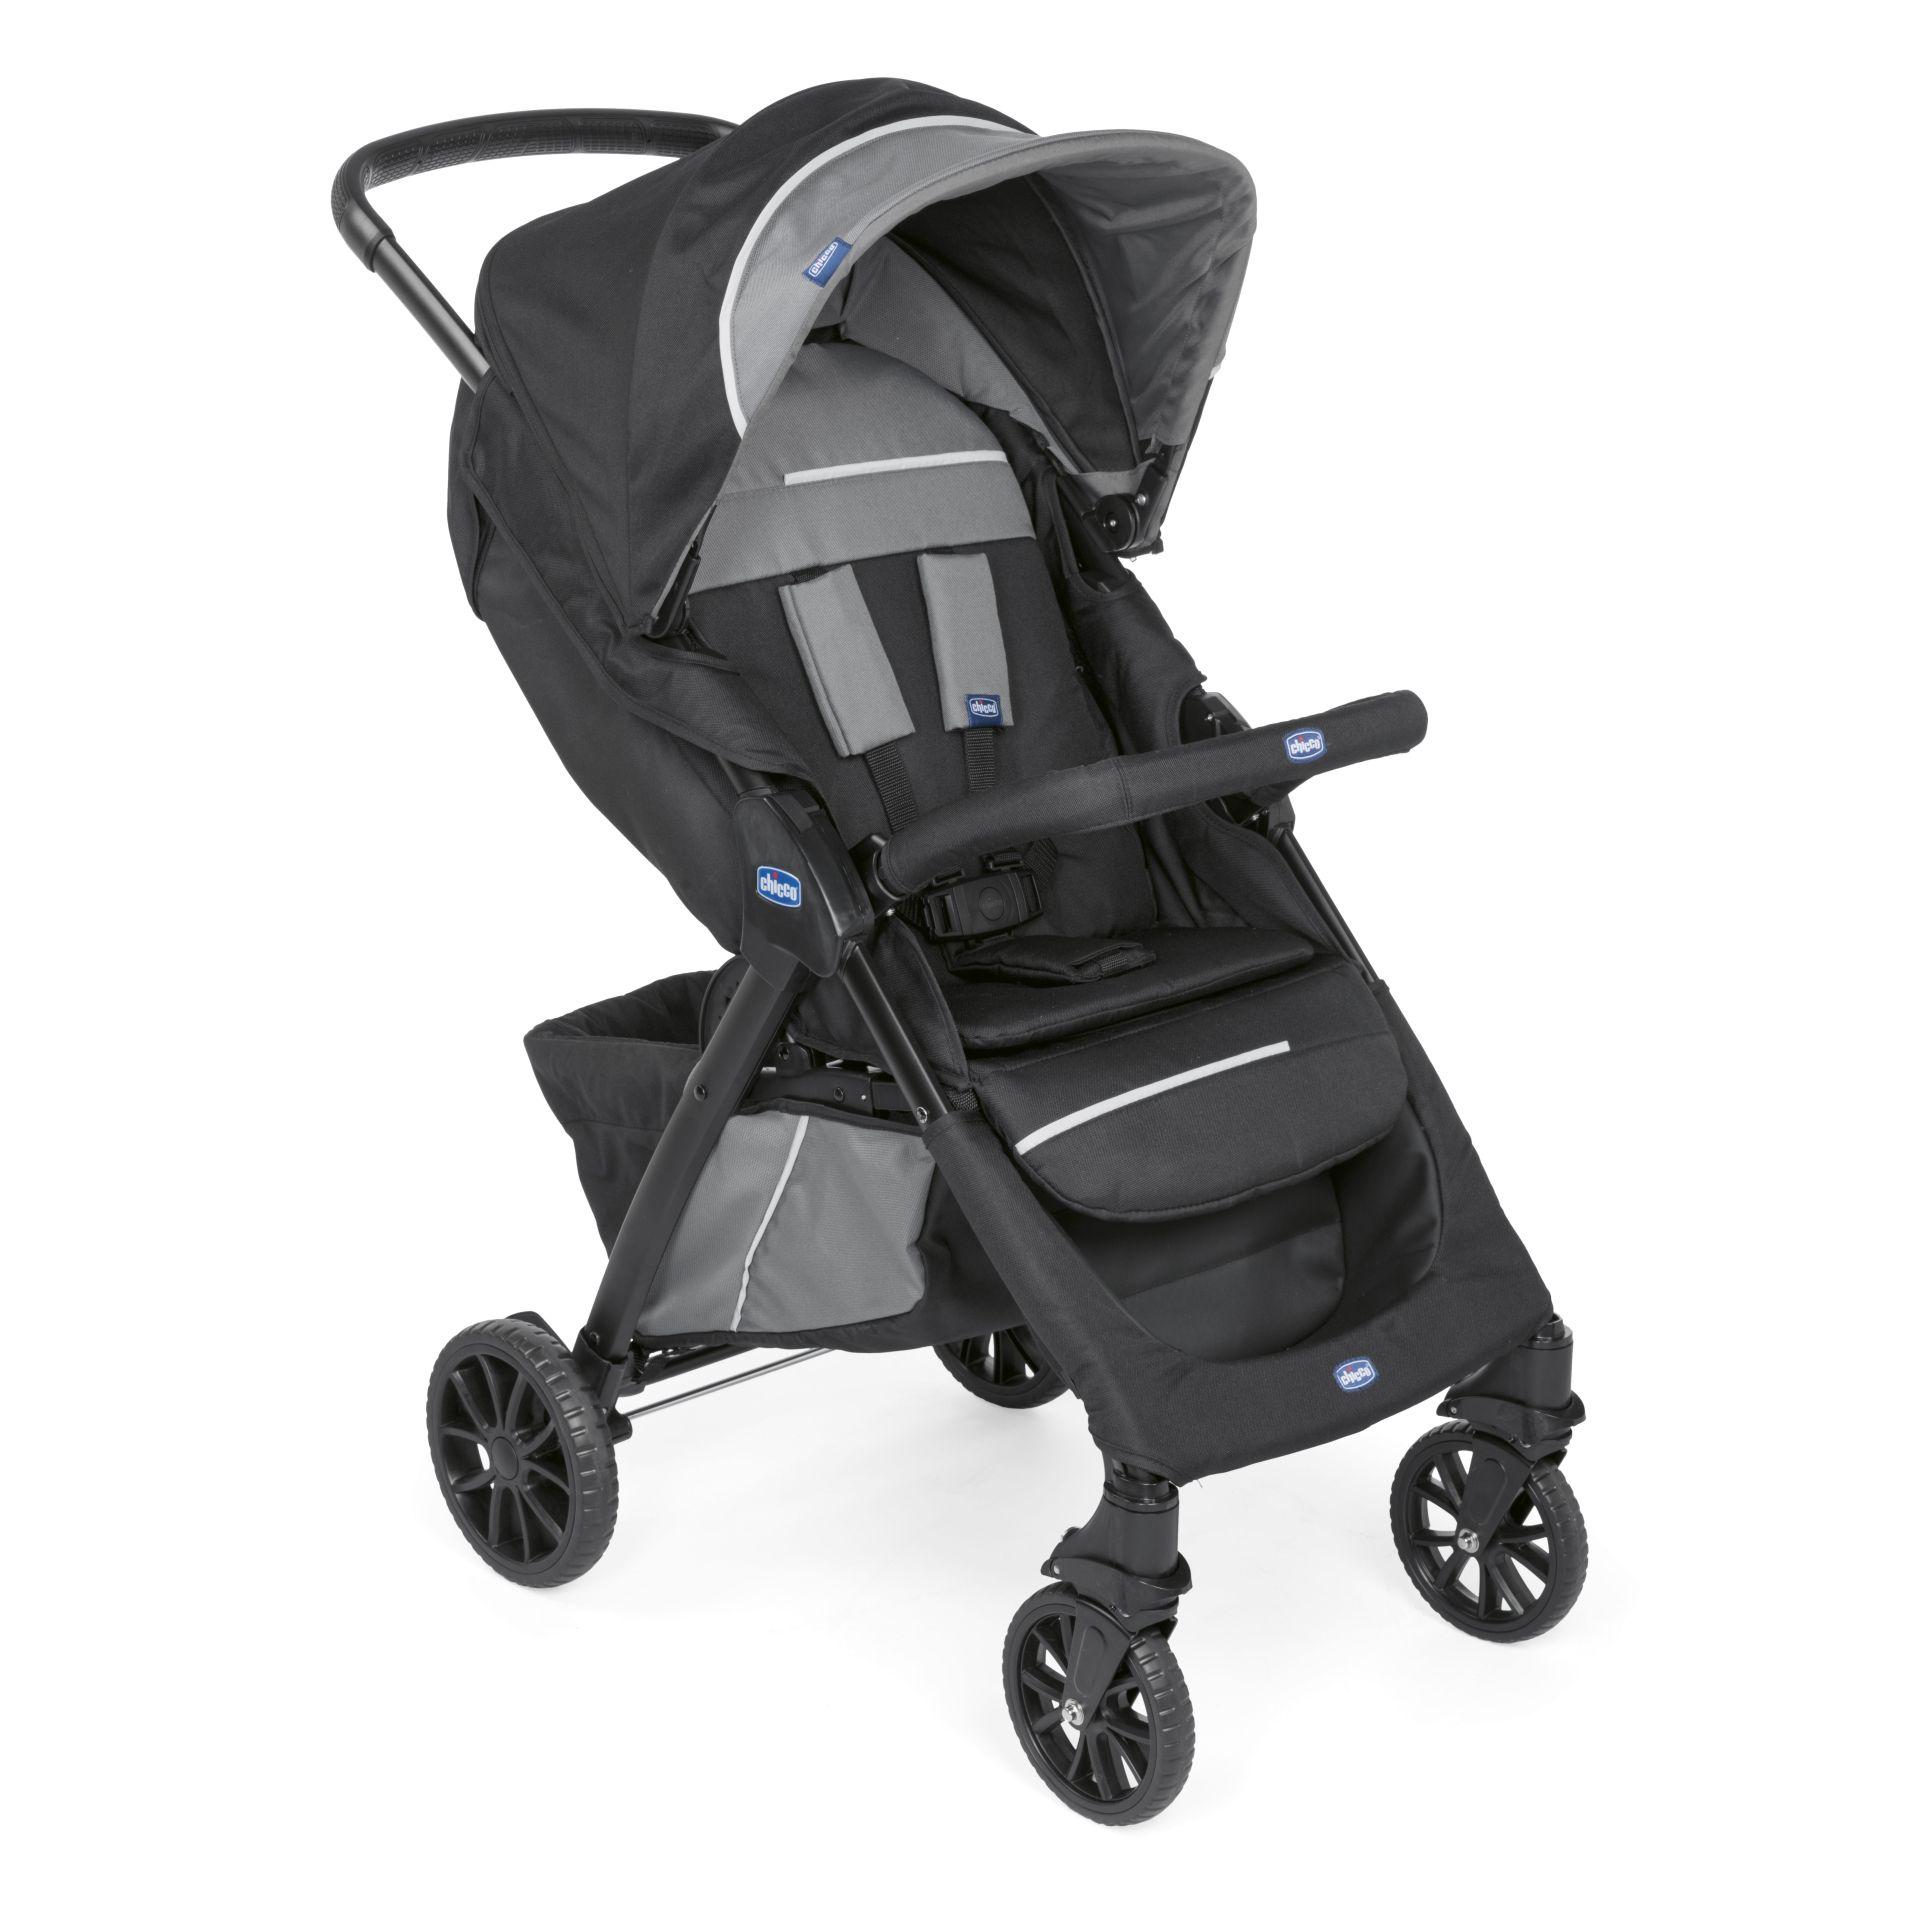 Chicco Pushchair Kwik.One - Buy at kidsroom | Strollers